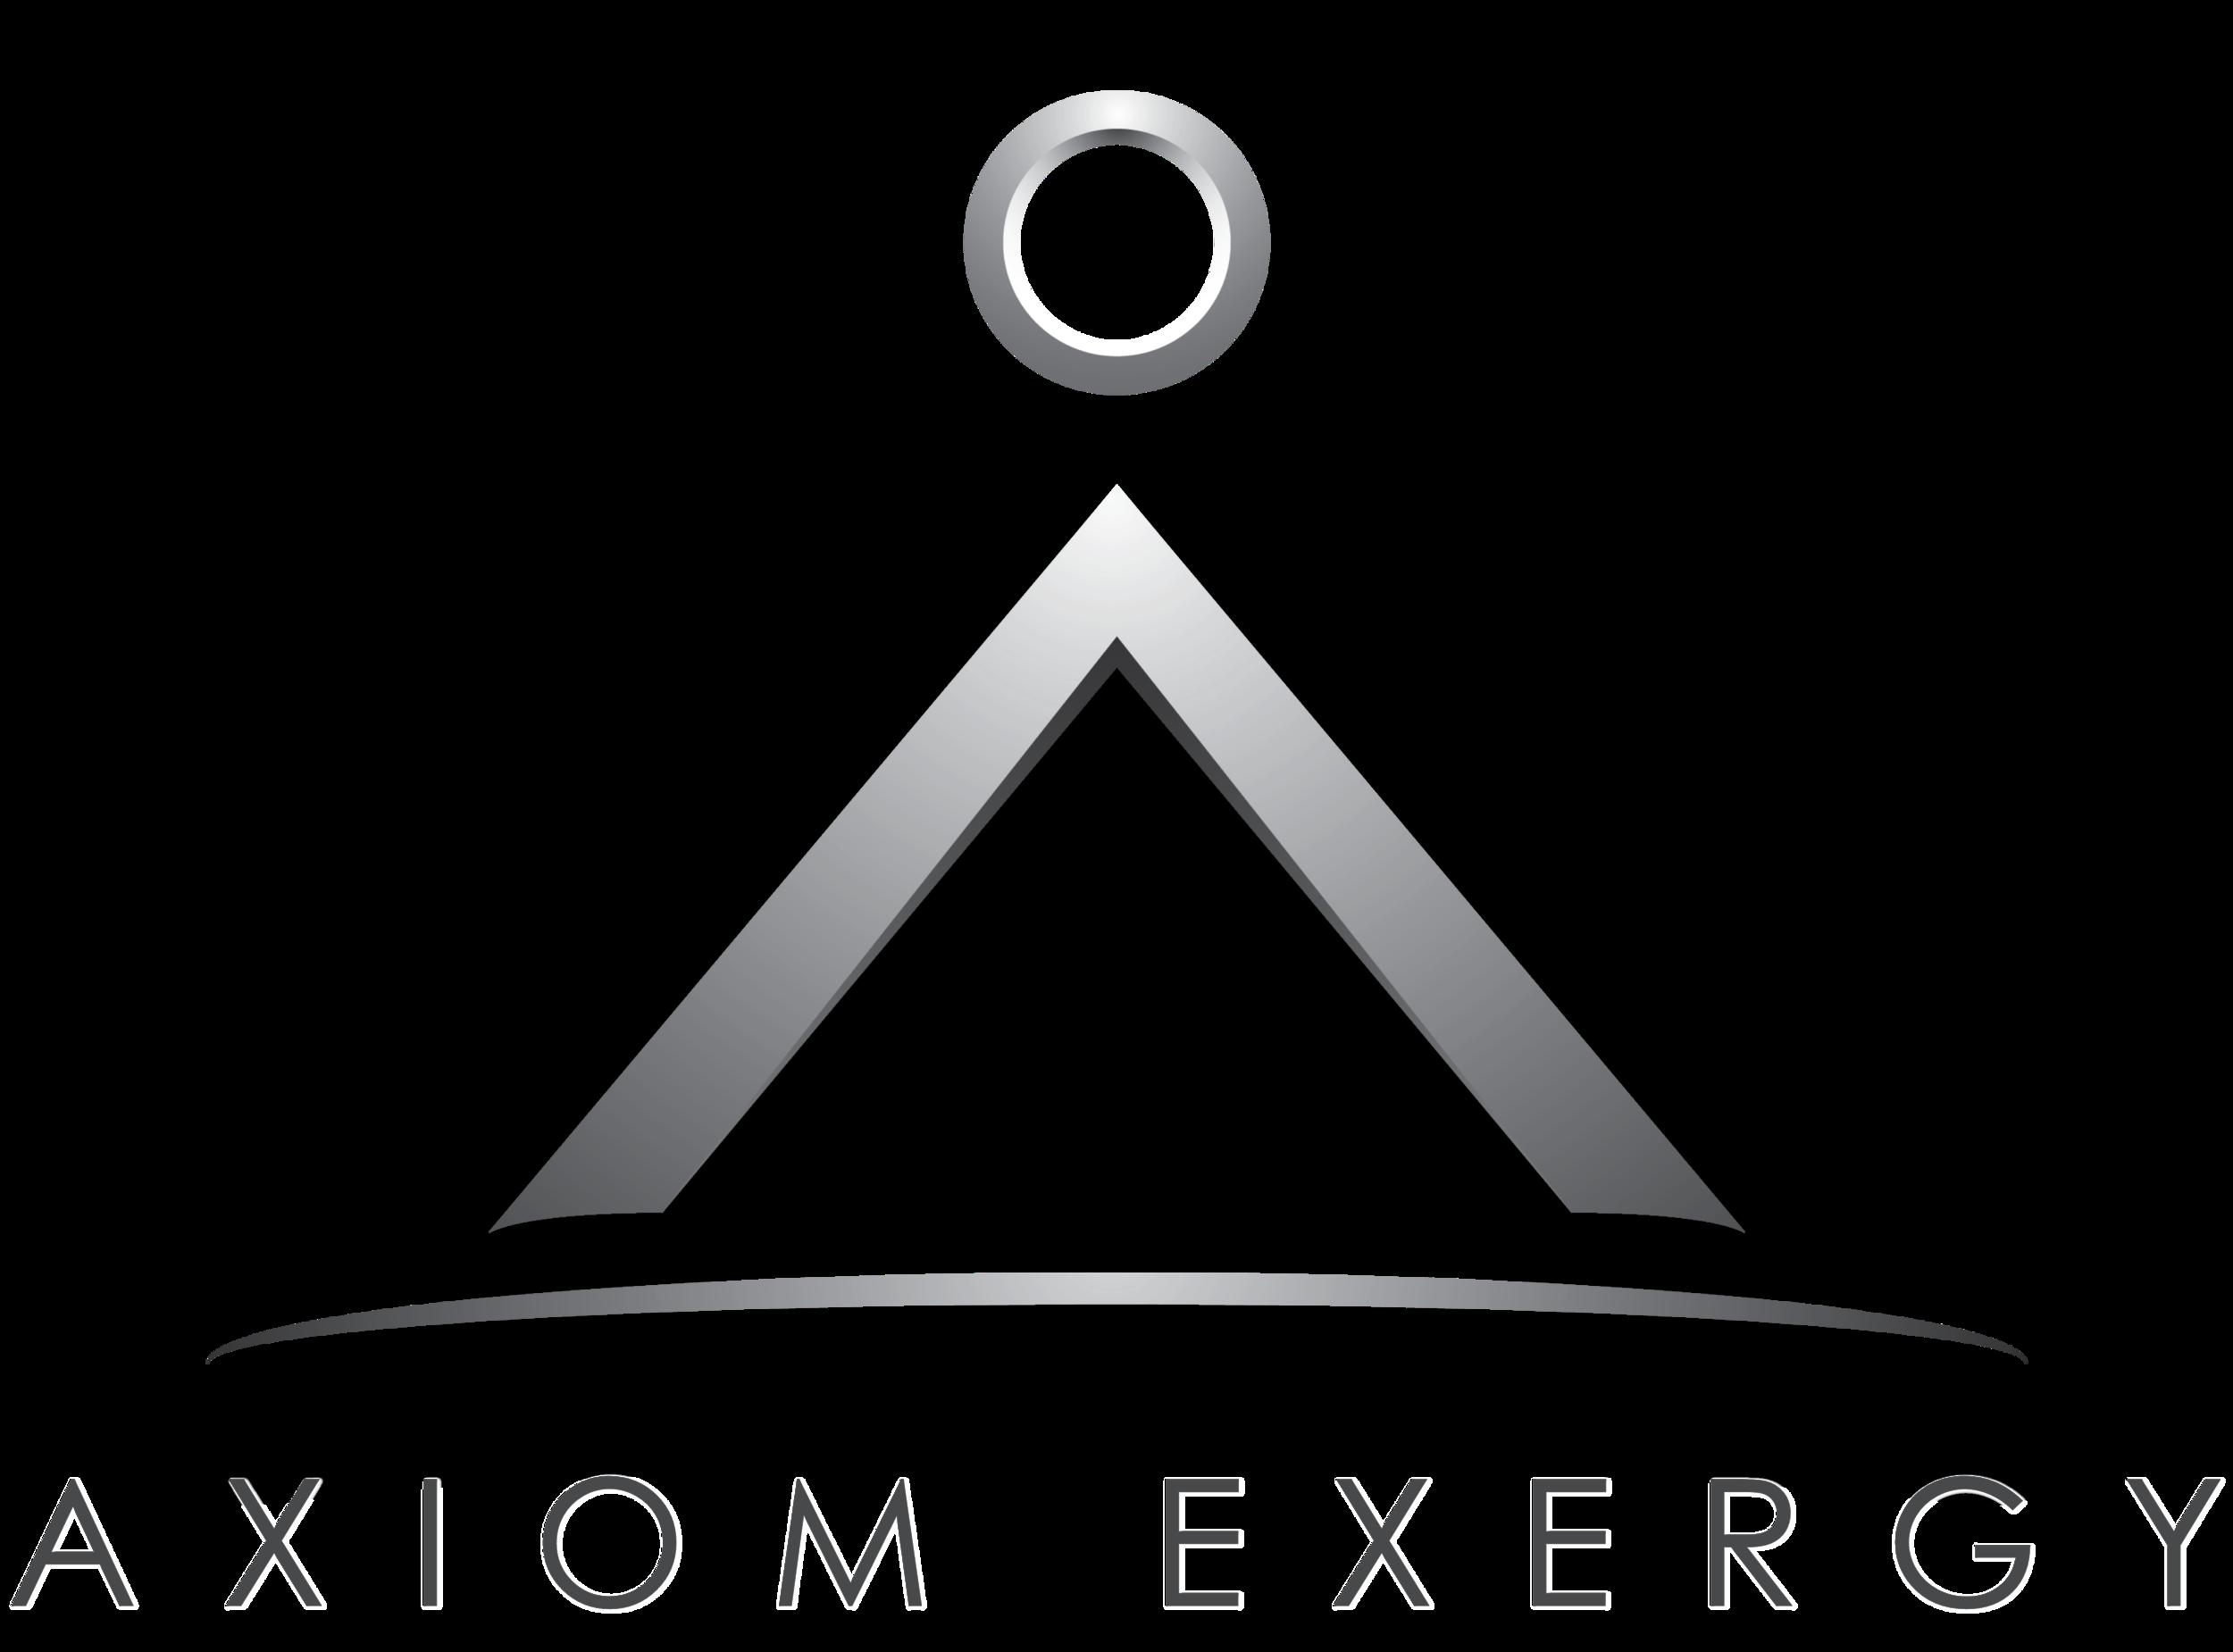 axiom_eery_logo